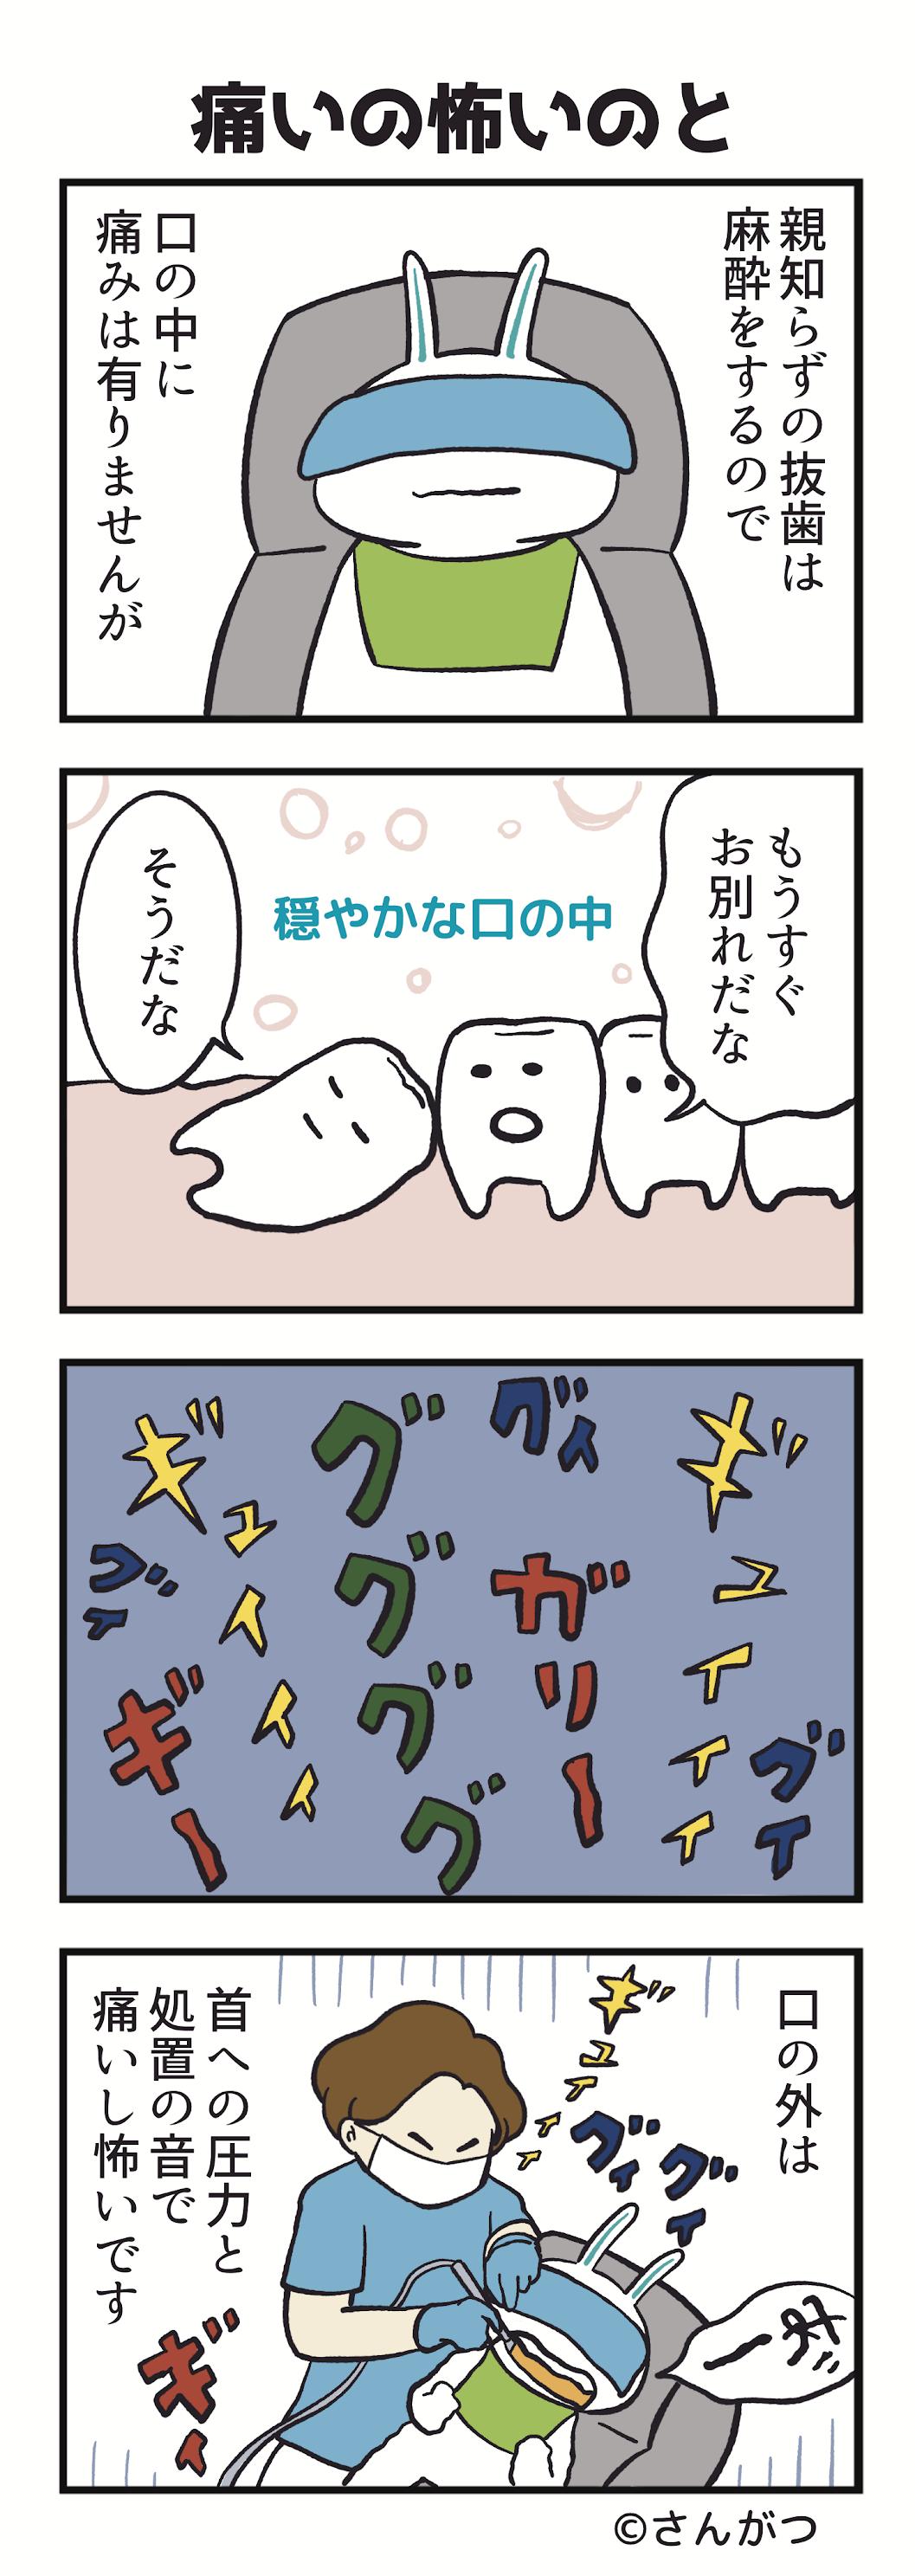 「親知らずの抜歯・・・抜いた編」